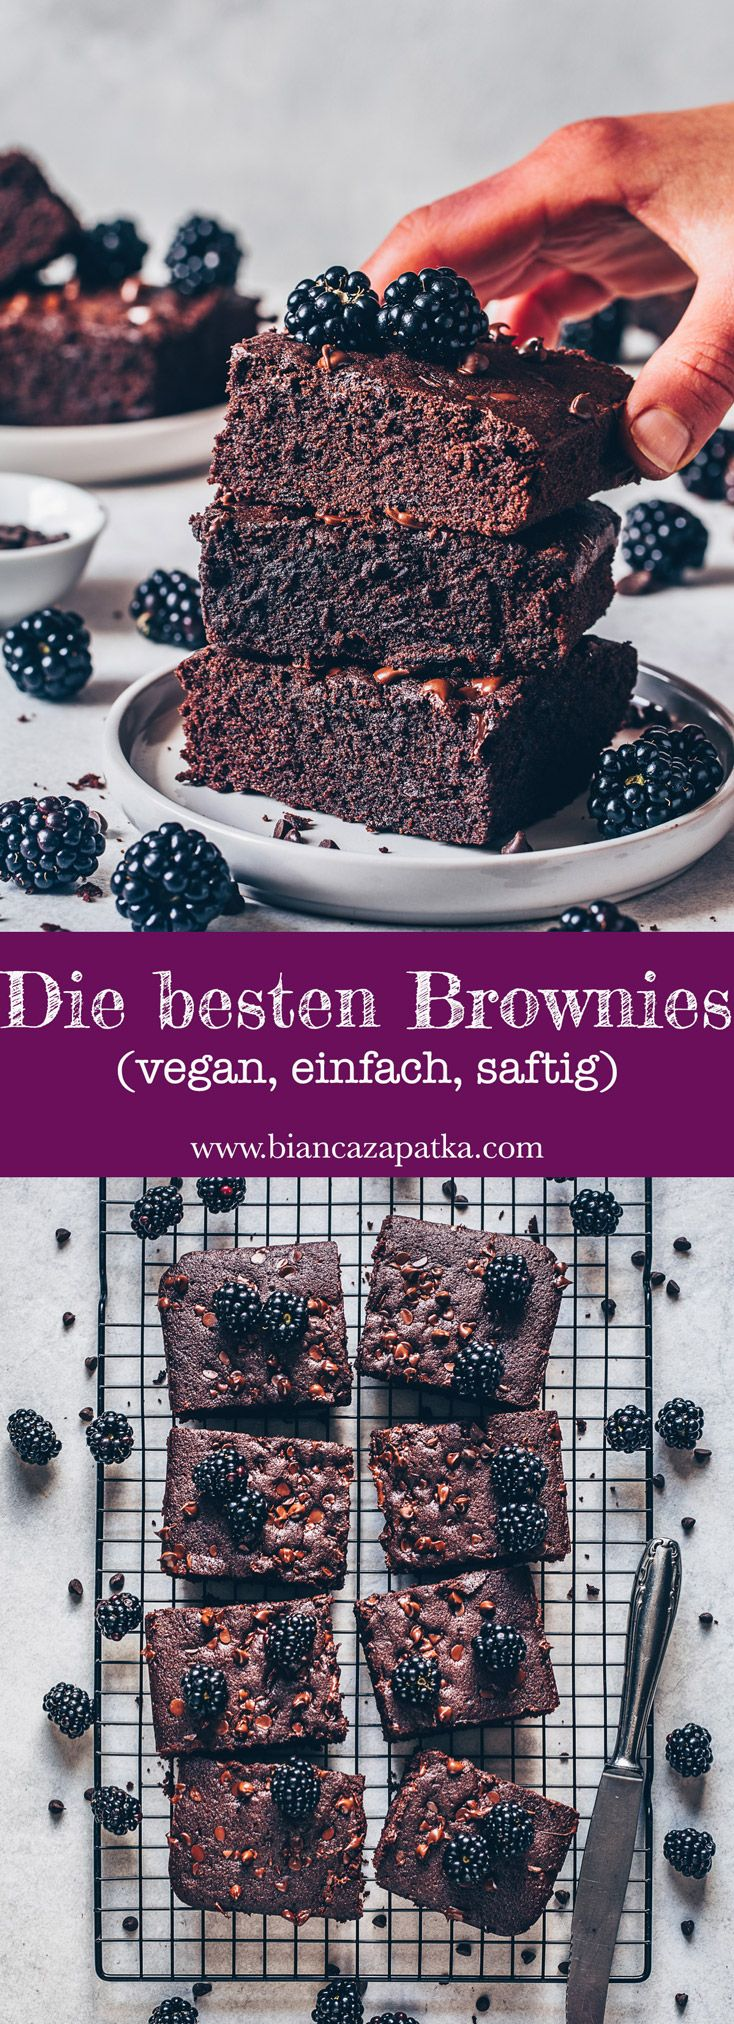 Die besten Brownies – vegan, einfach, saftig  – Meine Rezepte – Bianca Zapatka